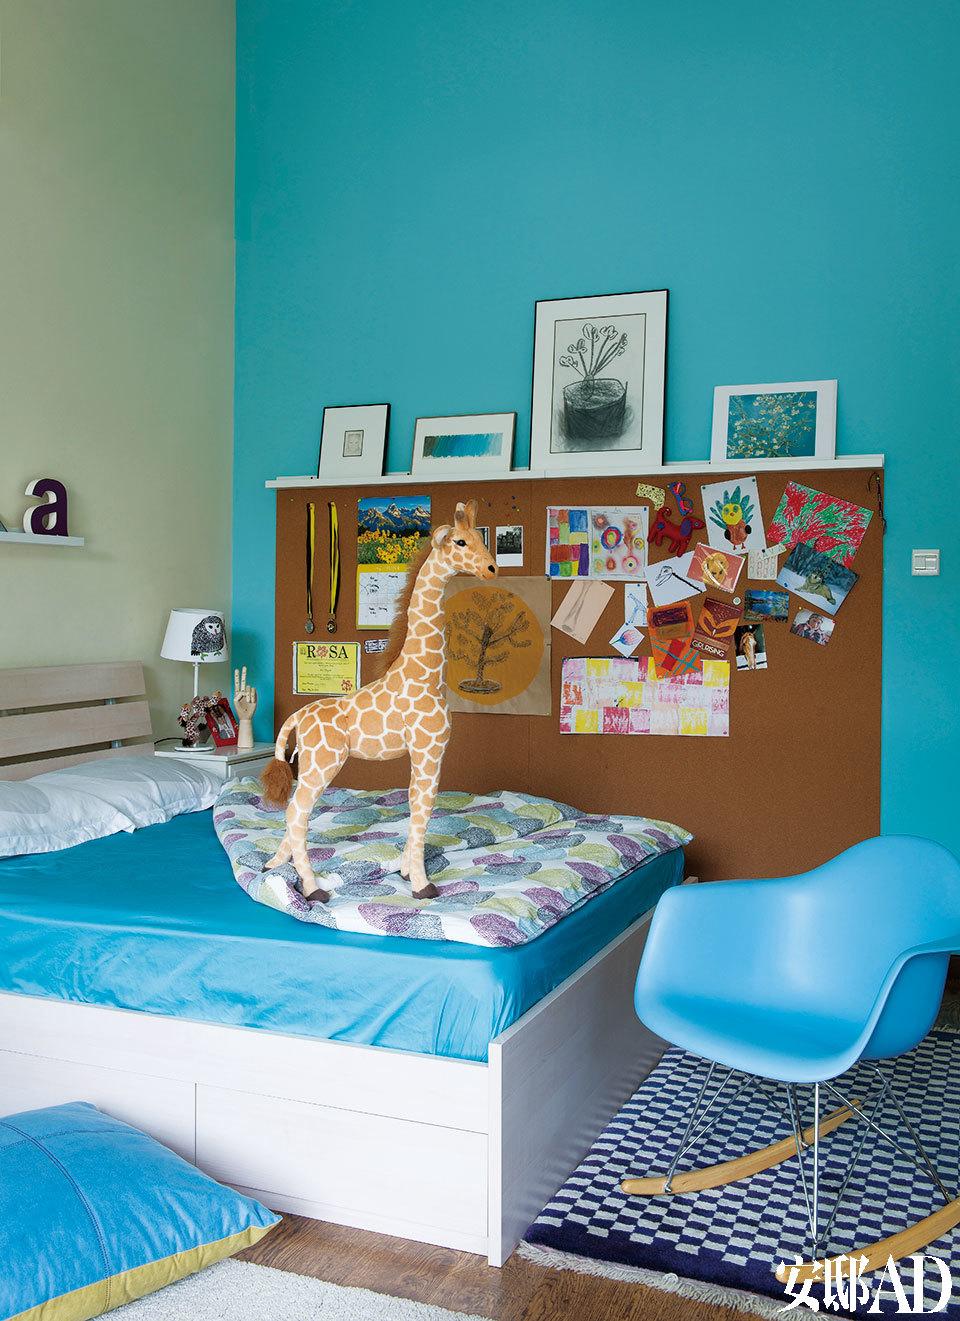 大女儿Ava的卧室中,蓝色是绝对的主色调,窗边的蓝白格地毯来自西藏拉萨。